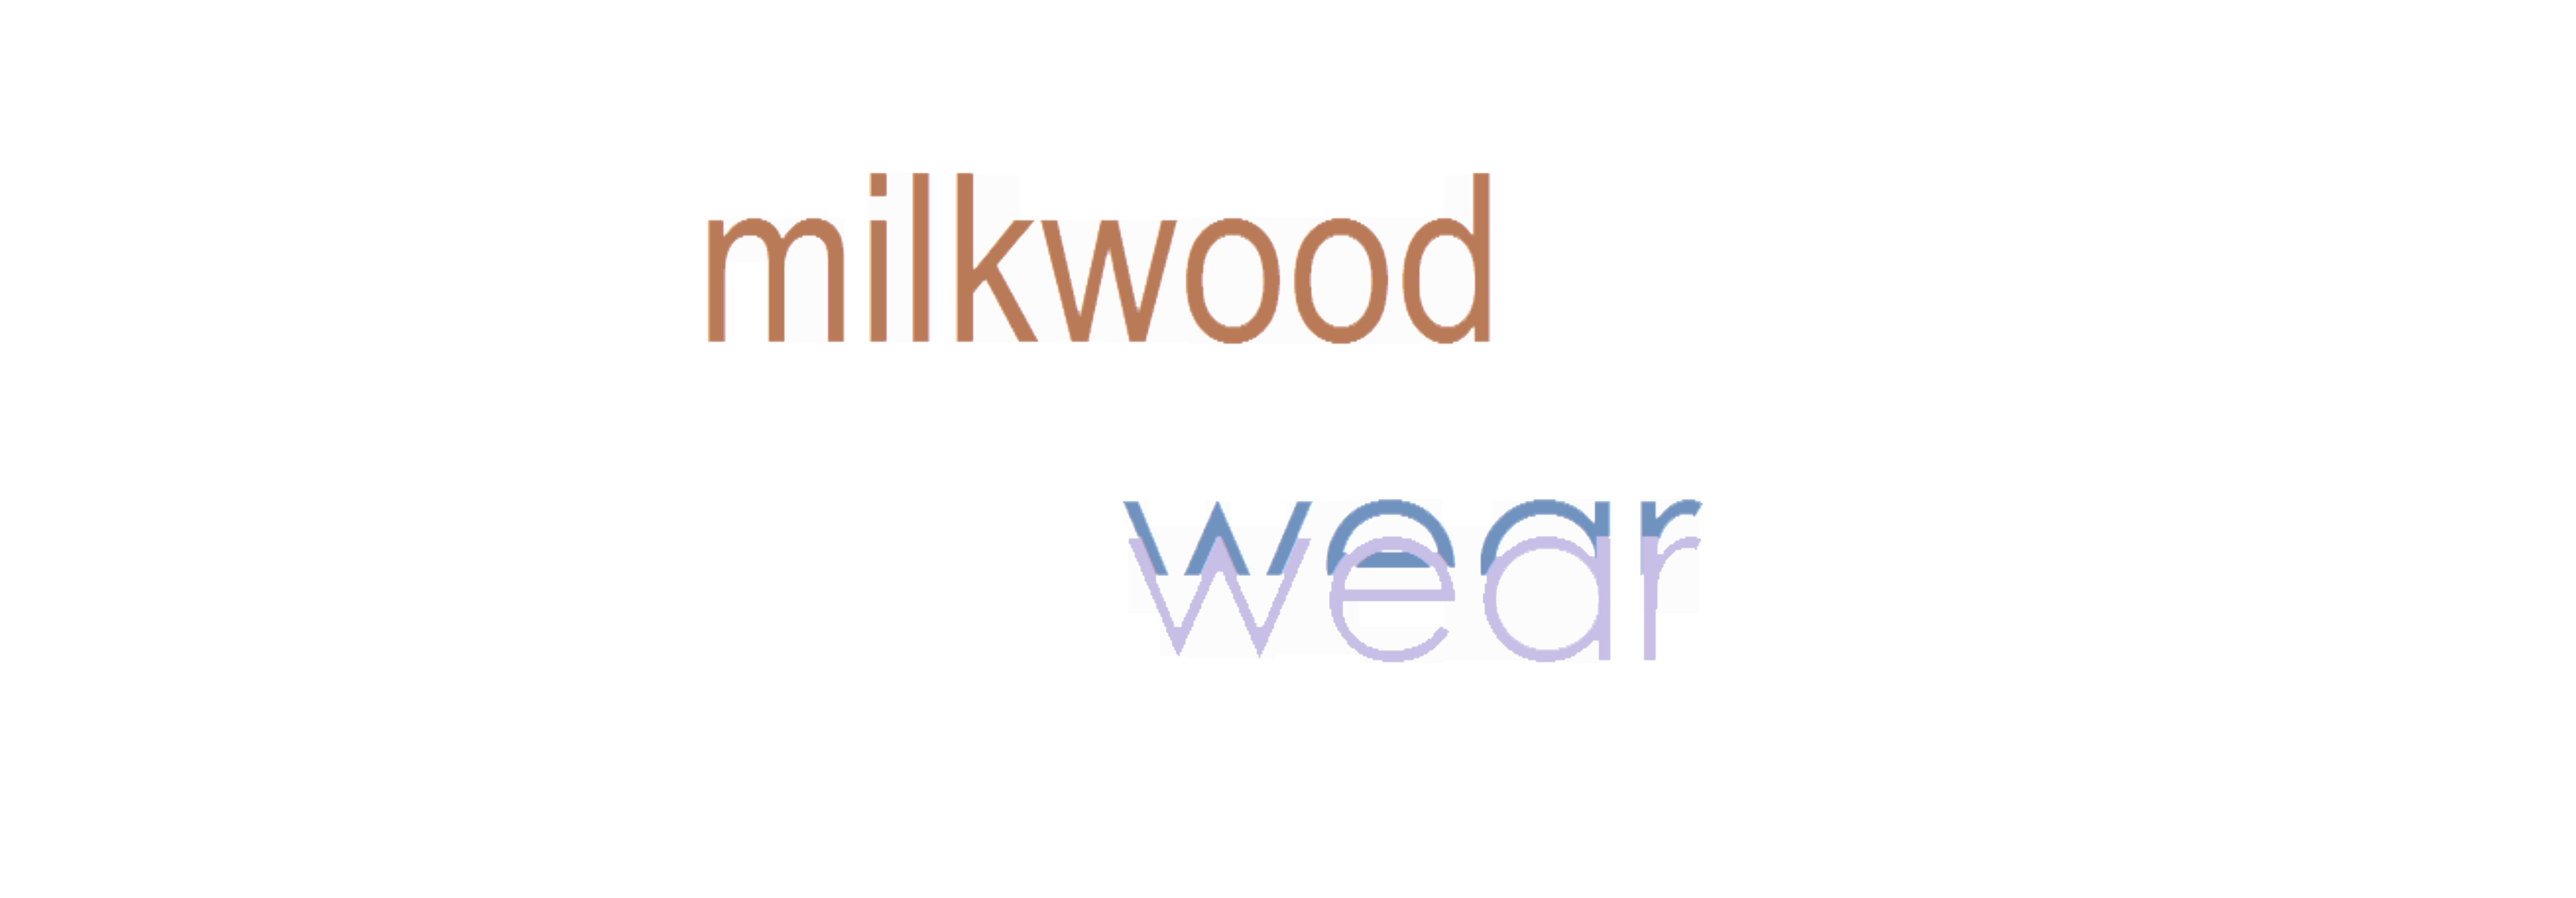 MILKWOOD WEAR